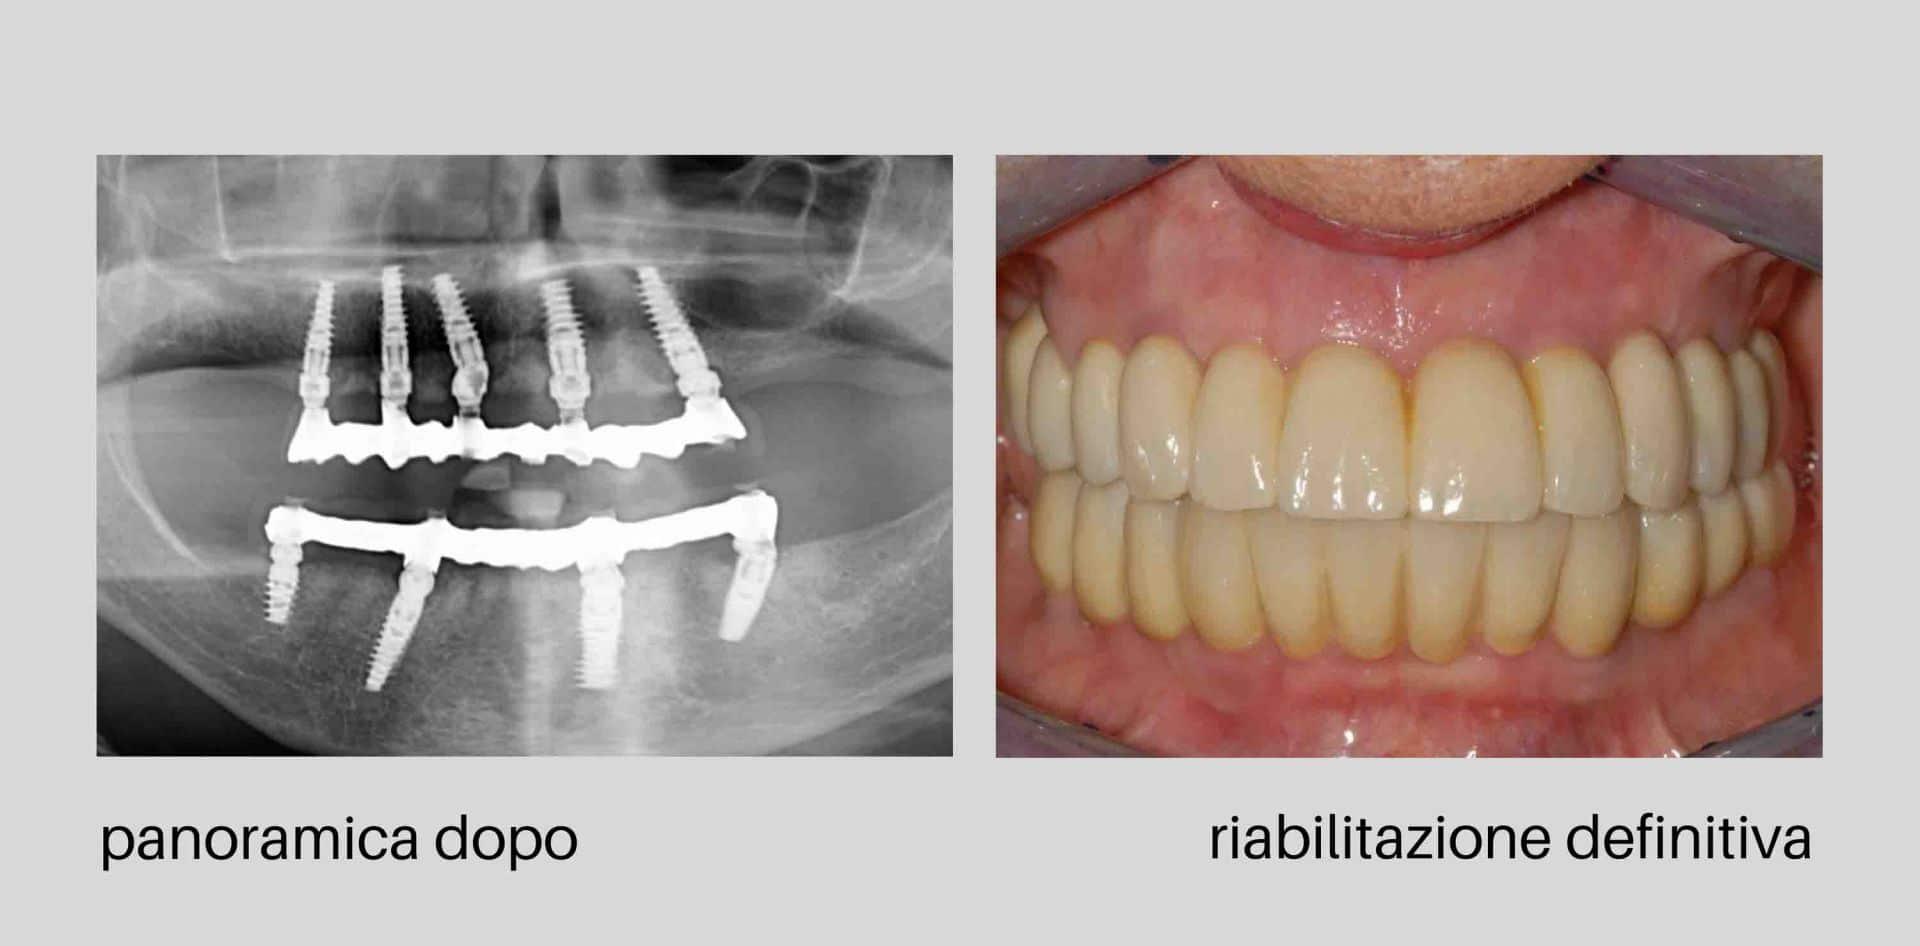 caso clinico dopo - Caso clinico 94: parodontite grave e impianti